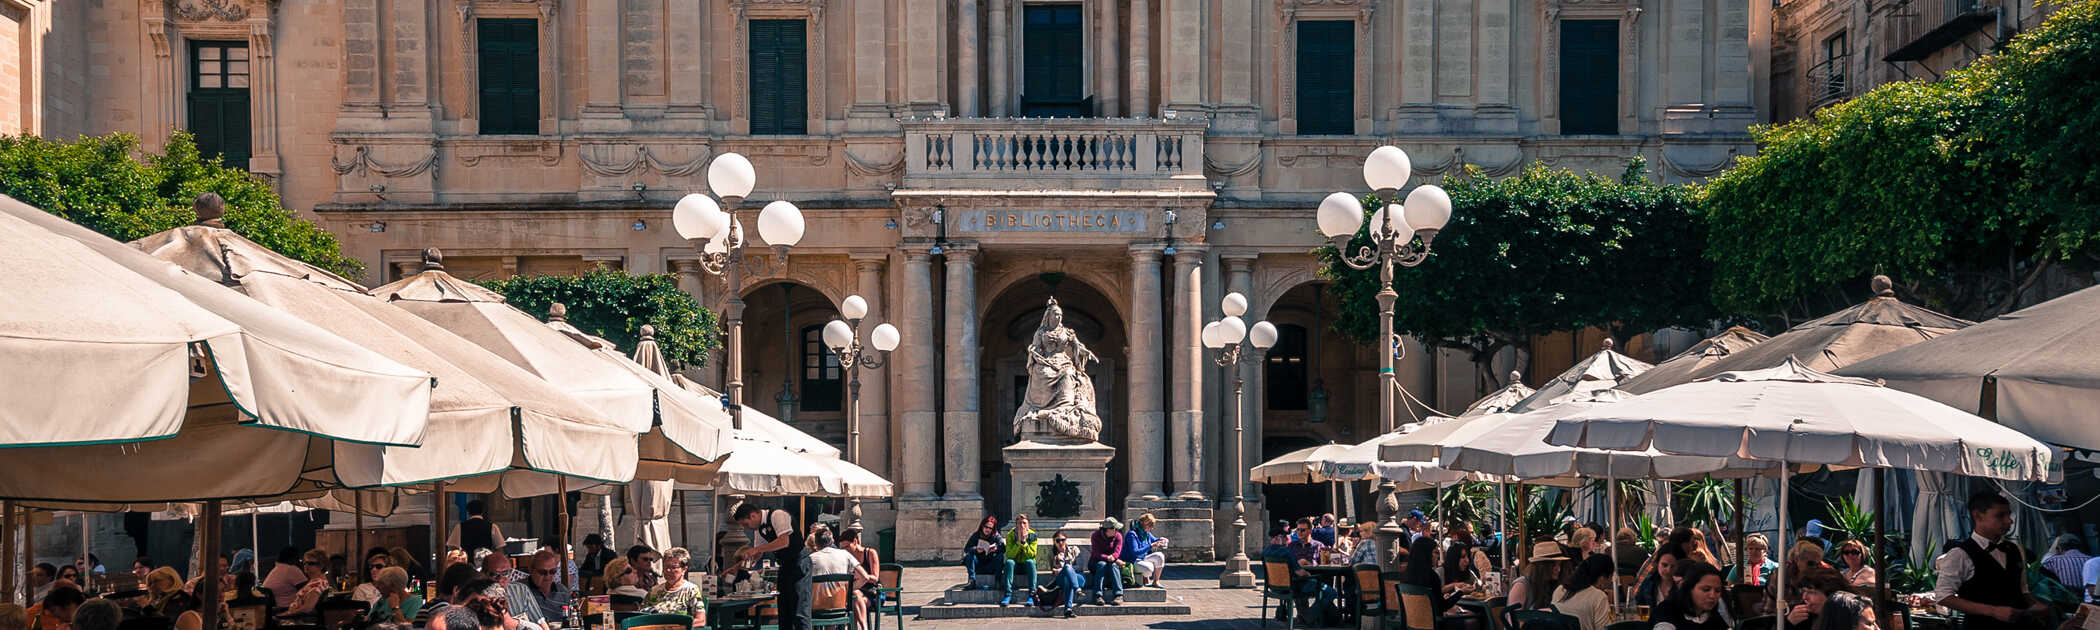 Piazza Regina